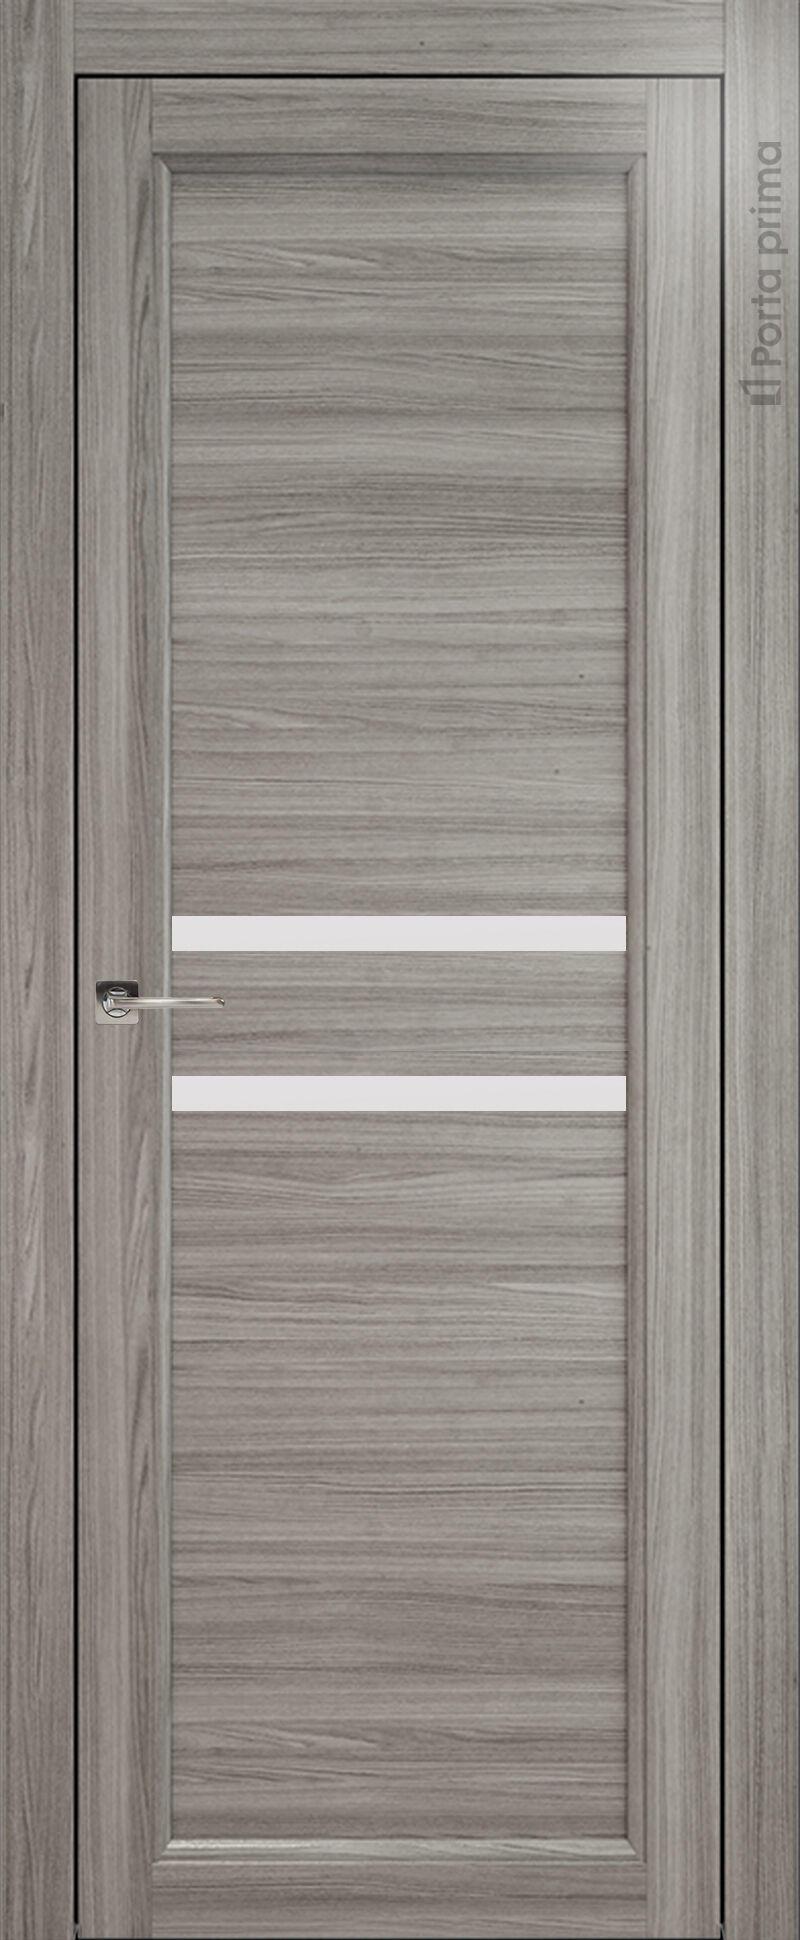 Sorrento-R В3 цвет - Орех пепельный Без стекла (ДГ)